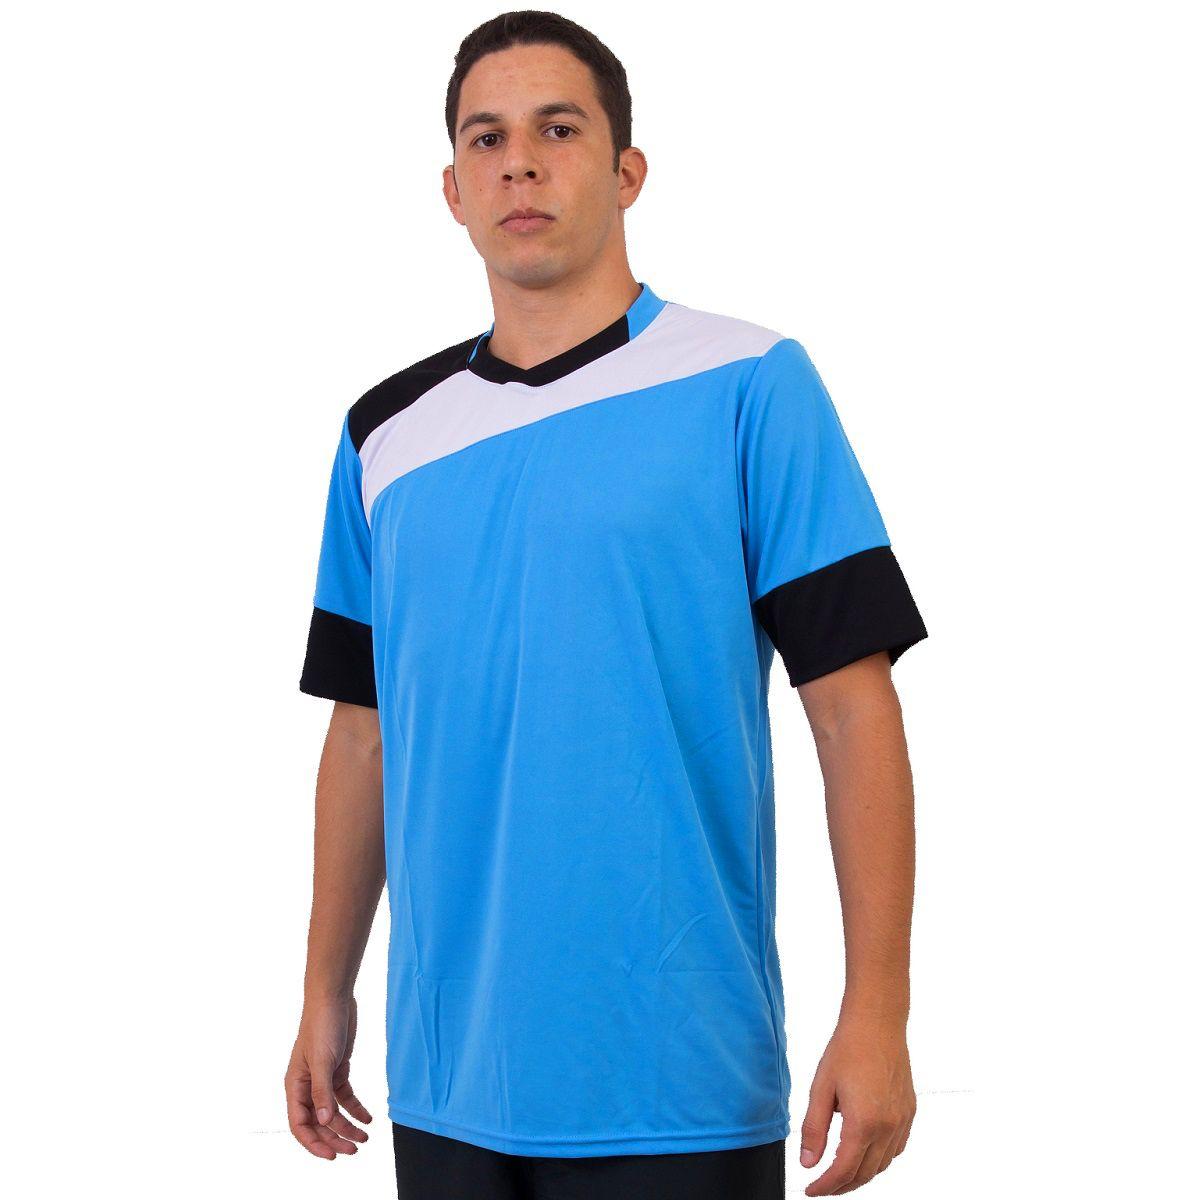 Uniforme Esportivo Modelo Sporting 14 Camisas Ref 5709